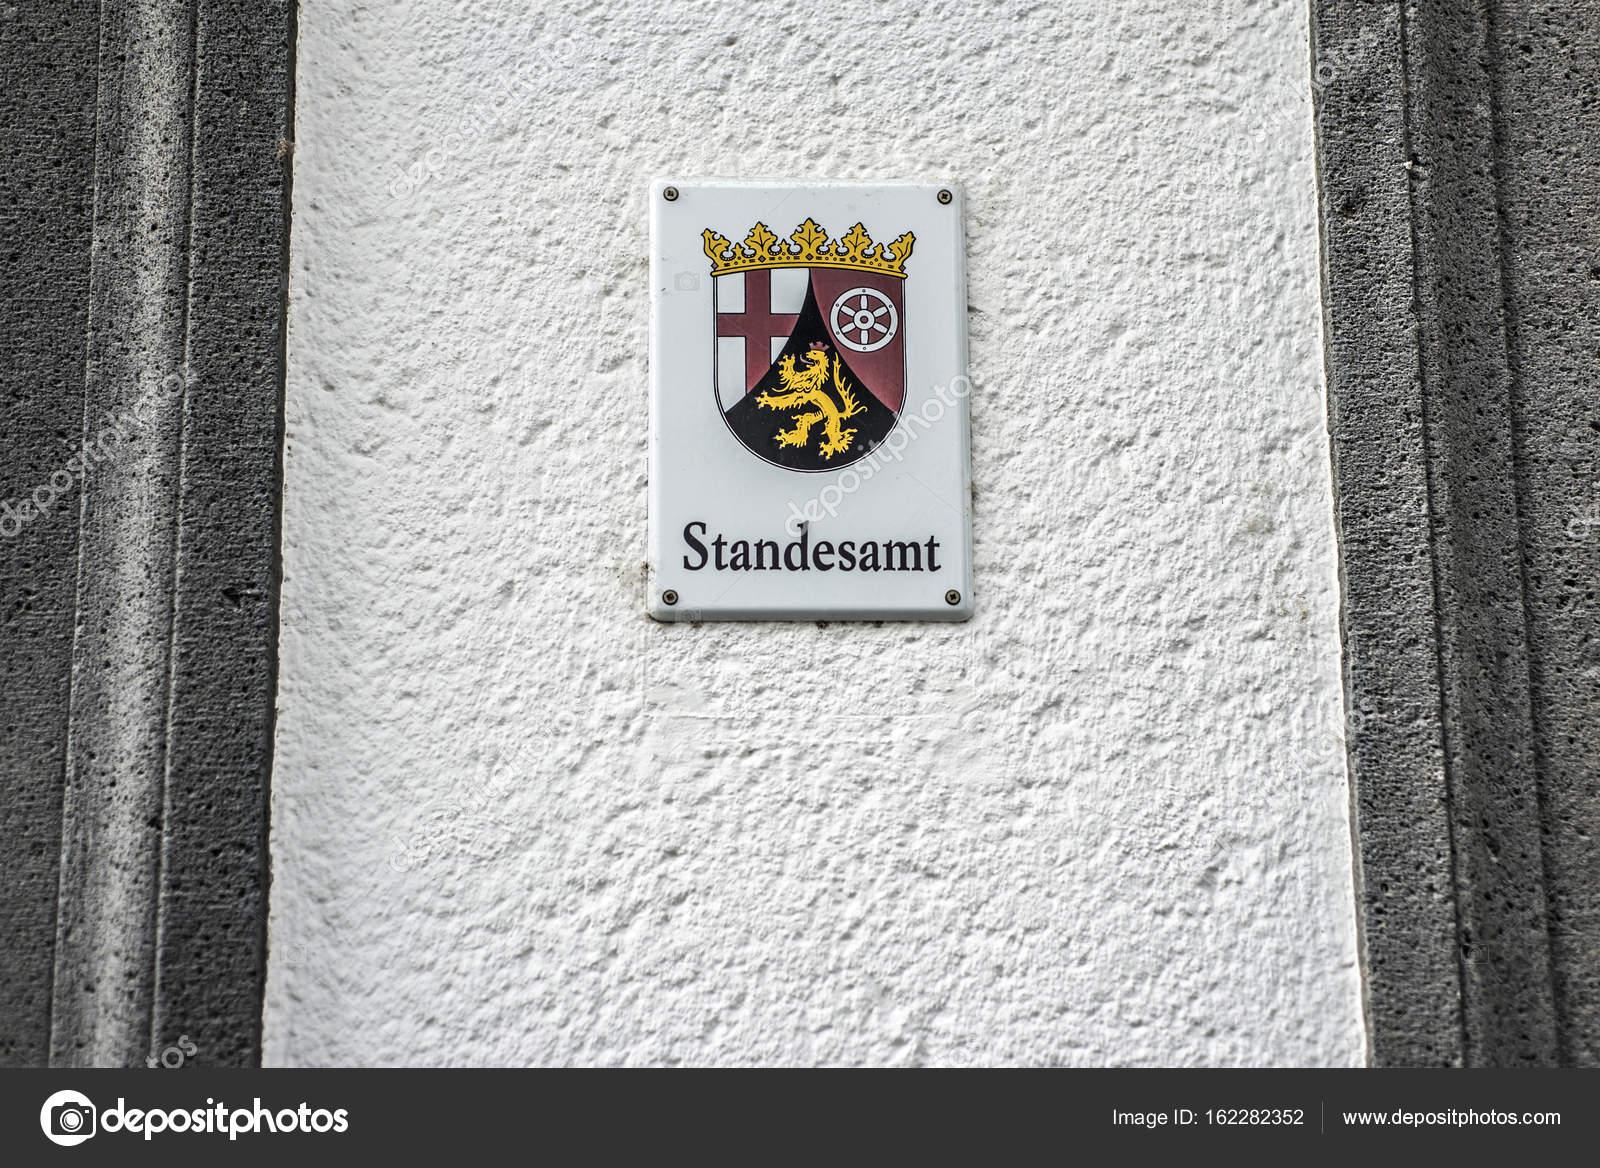 Ufficio Di Registro : Cartello metallico montato muro parola tedesca standesamt traduzione